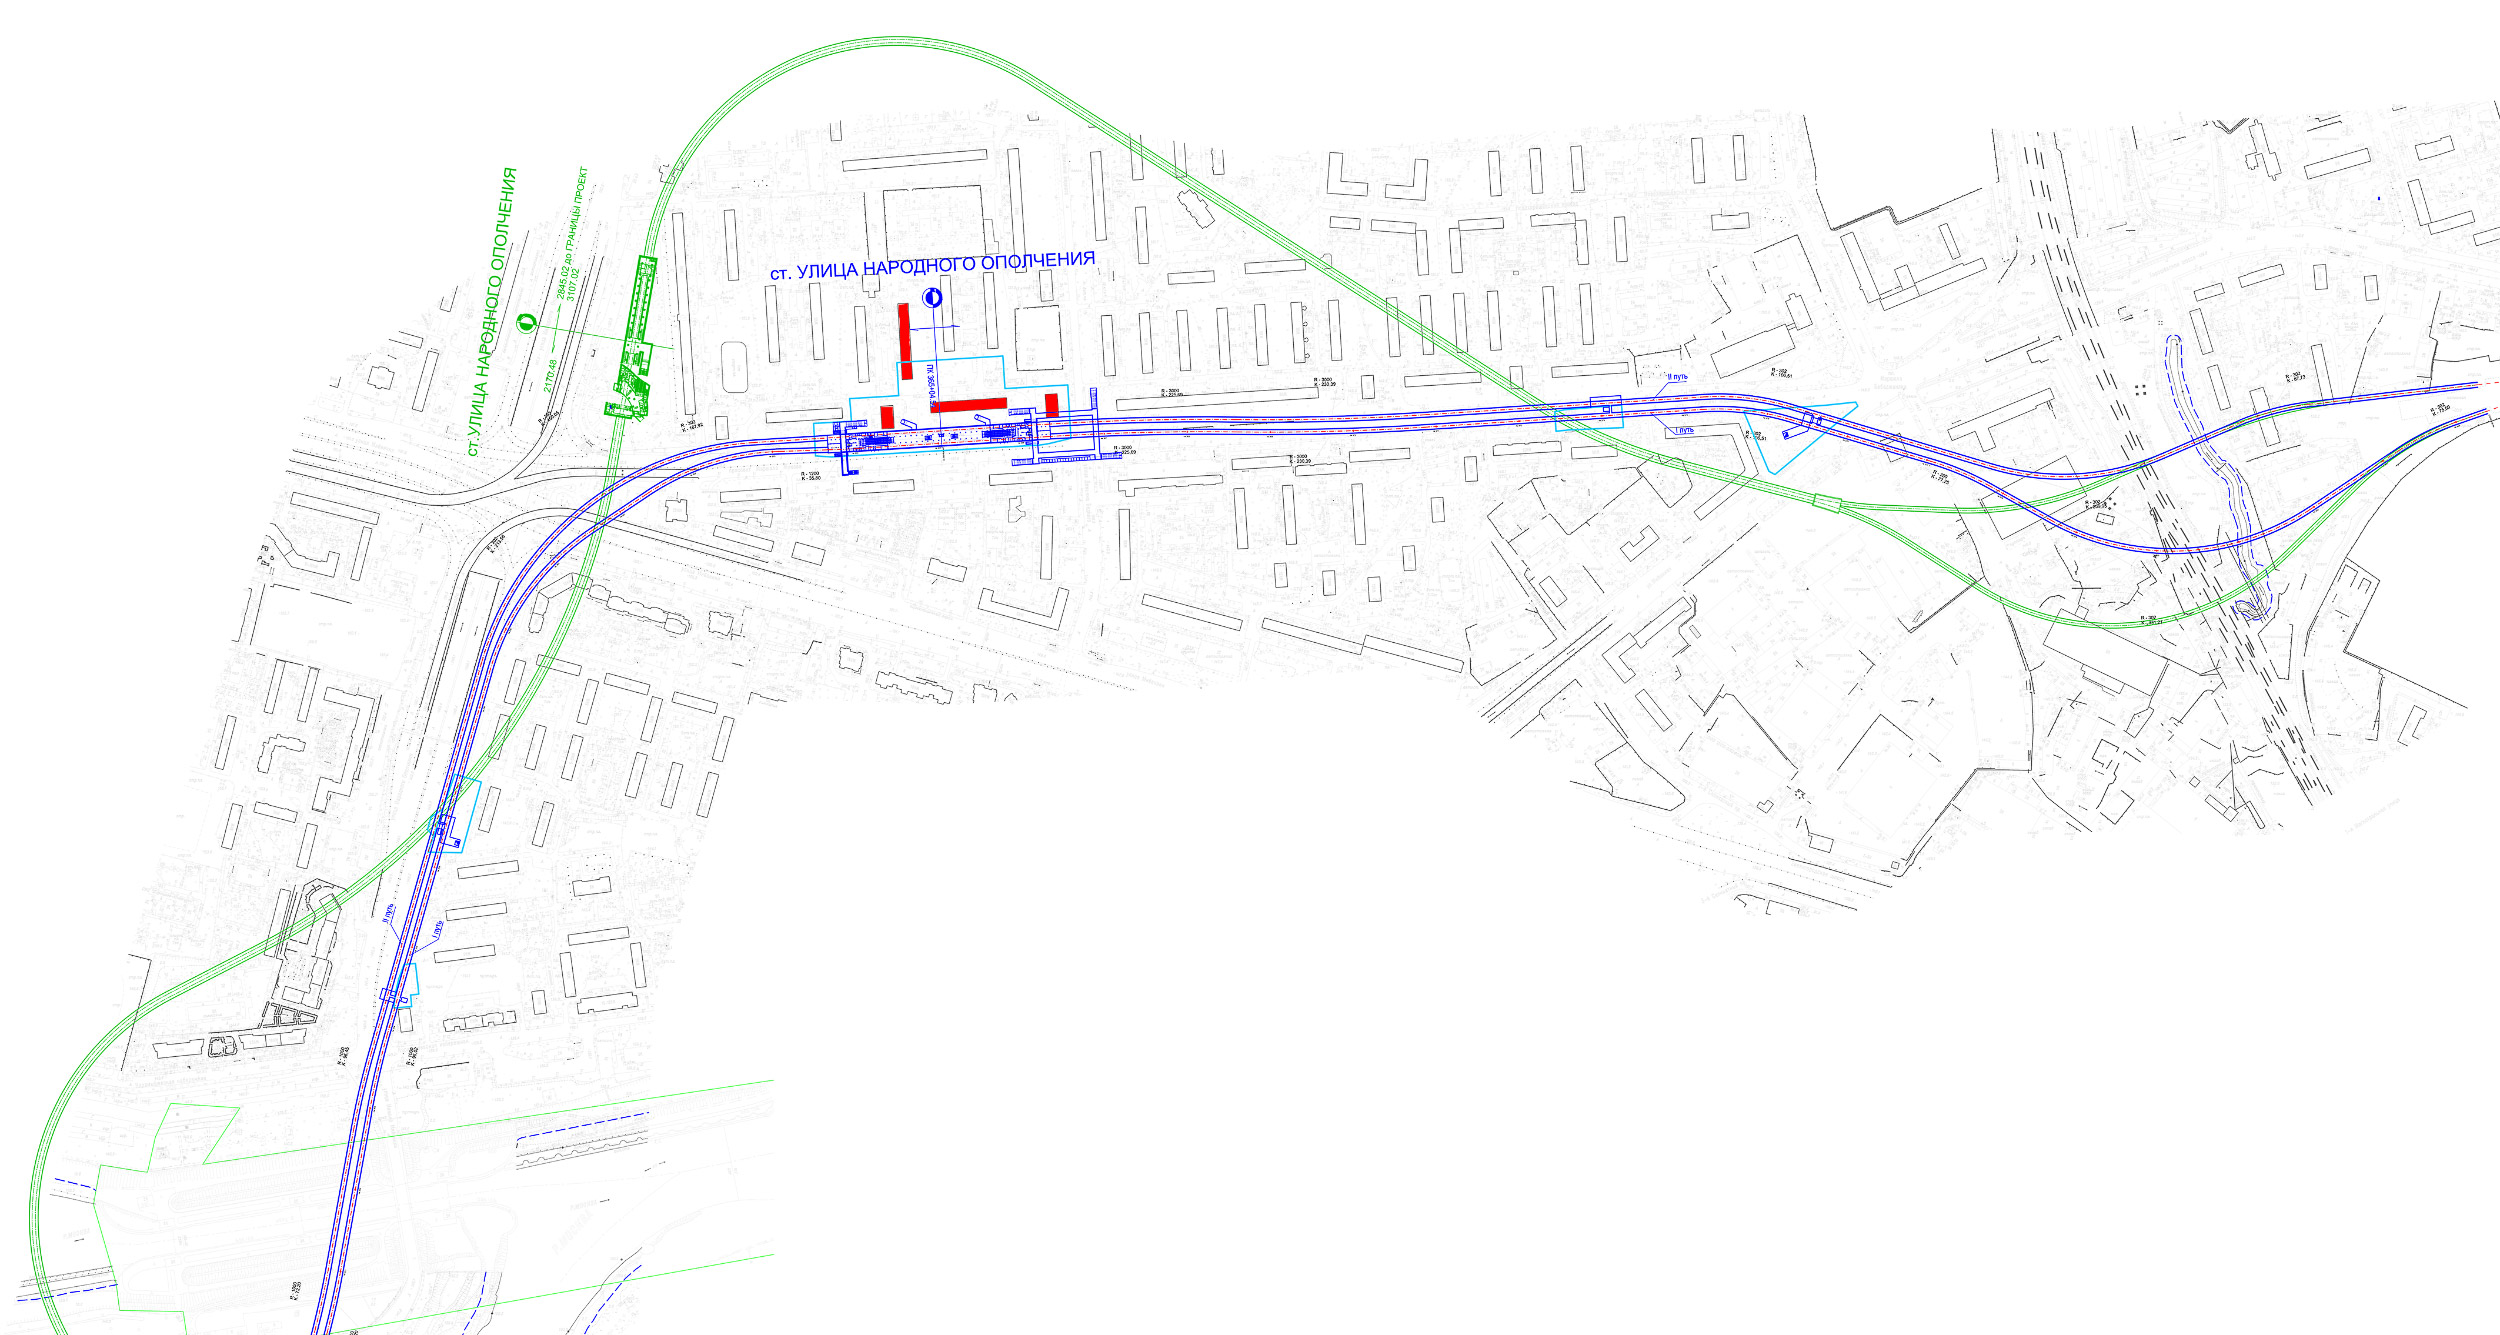 карта москвы с улицами и станциями метро смотреть совкомбанк кредит под 0 процентов условия отзывы